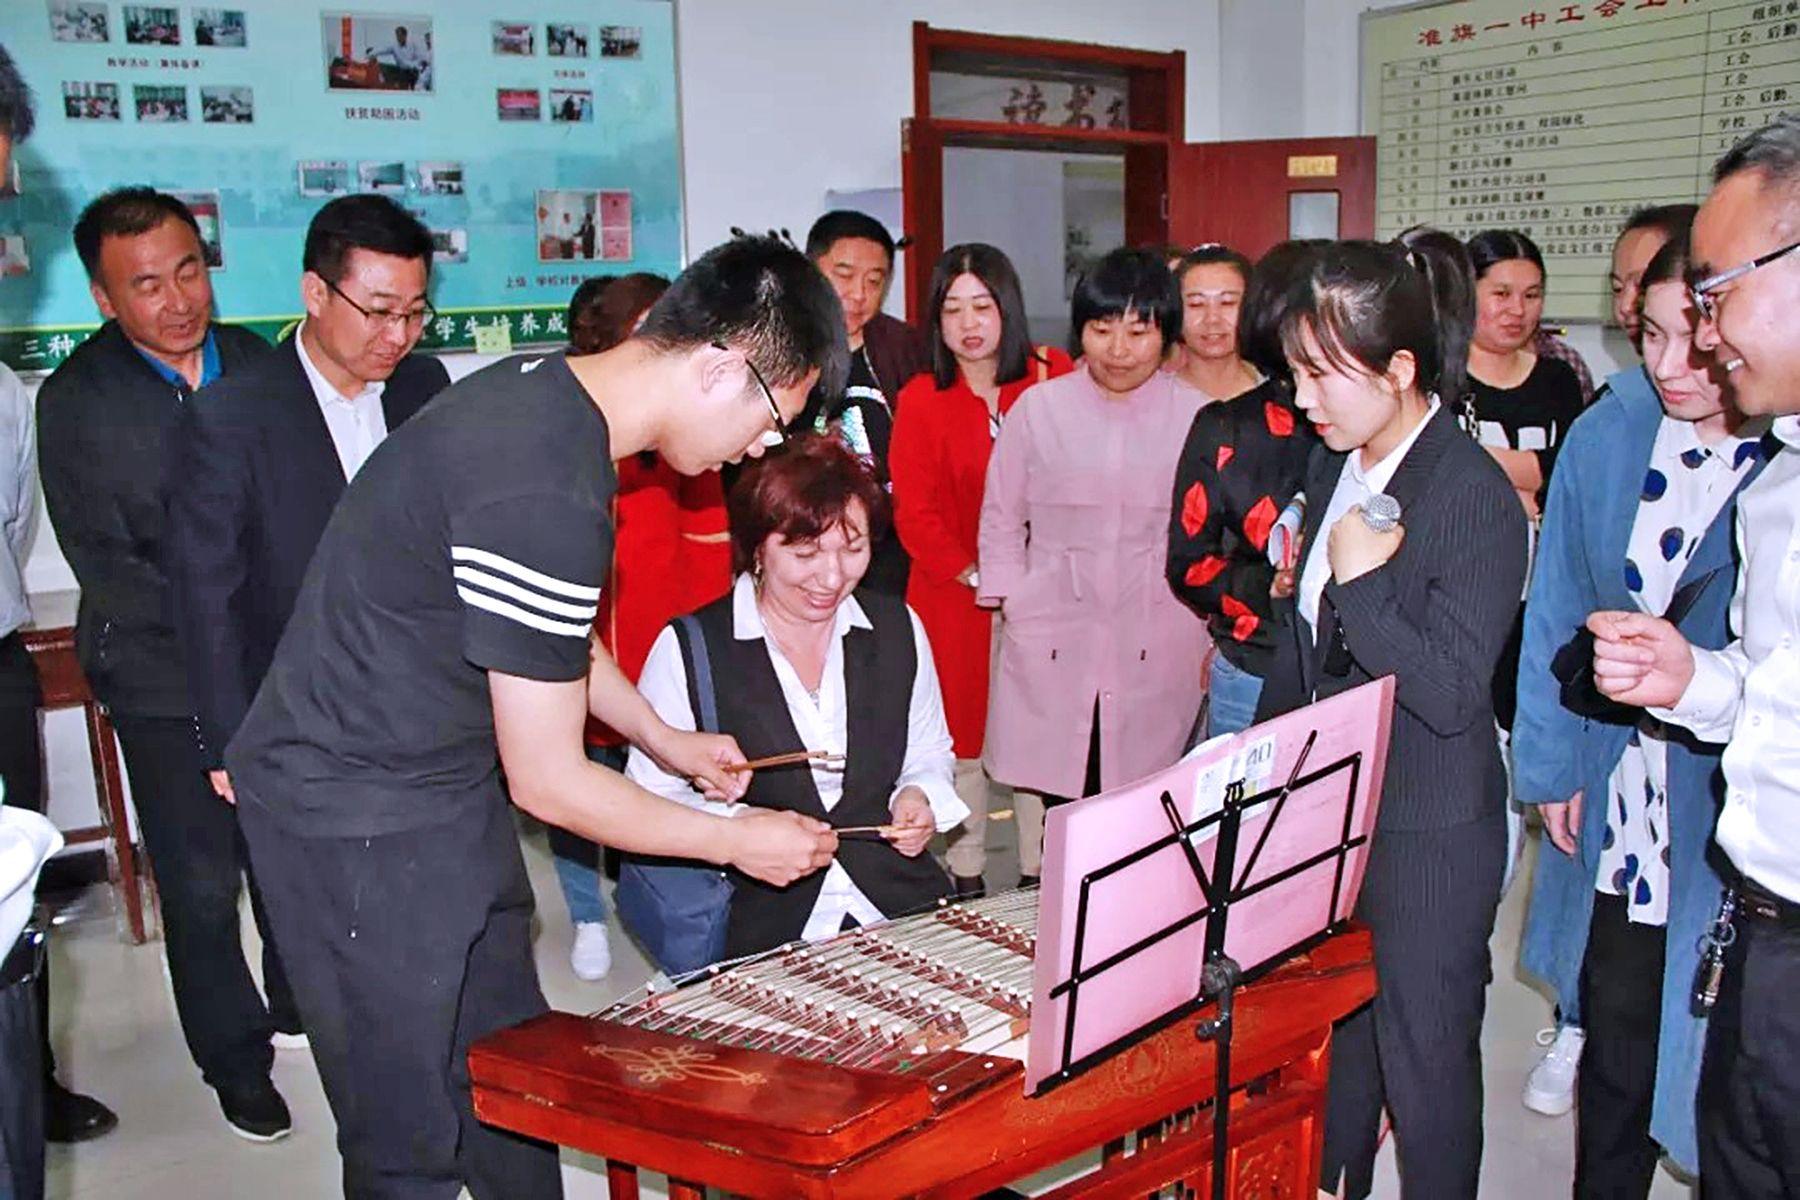 Делегация ВГУЭС в КНР: какие направления подготовки заинтересовали иностранцев?